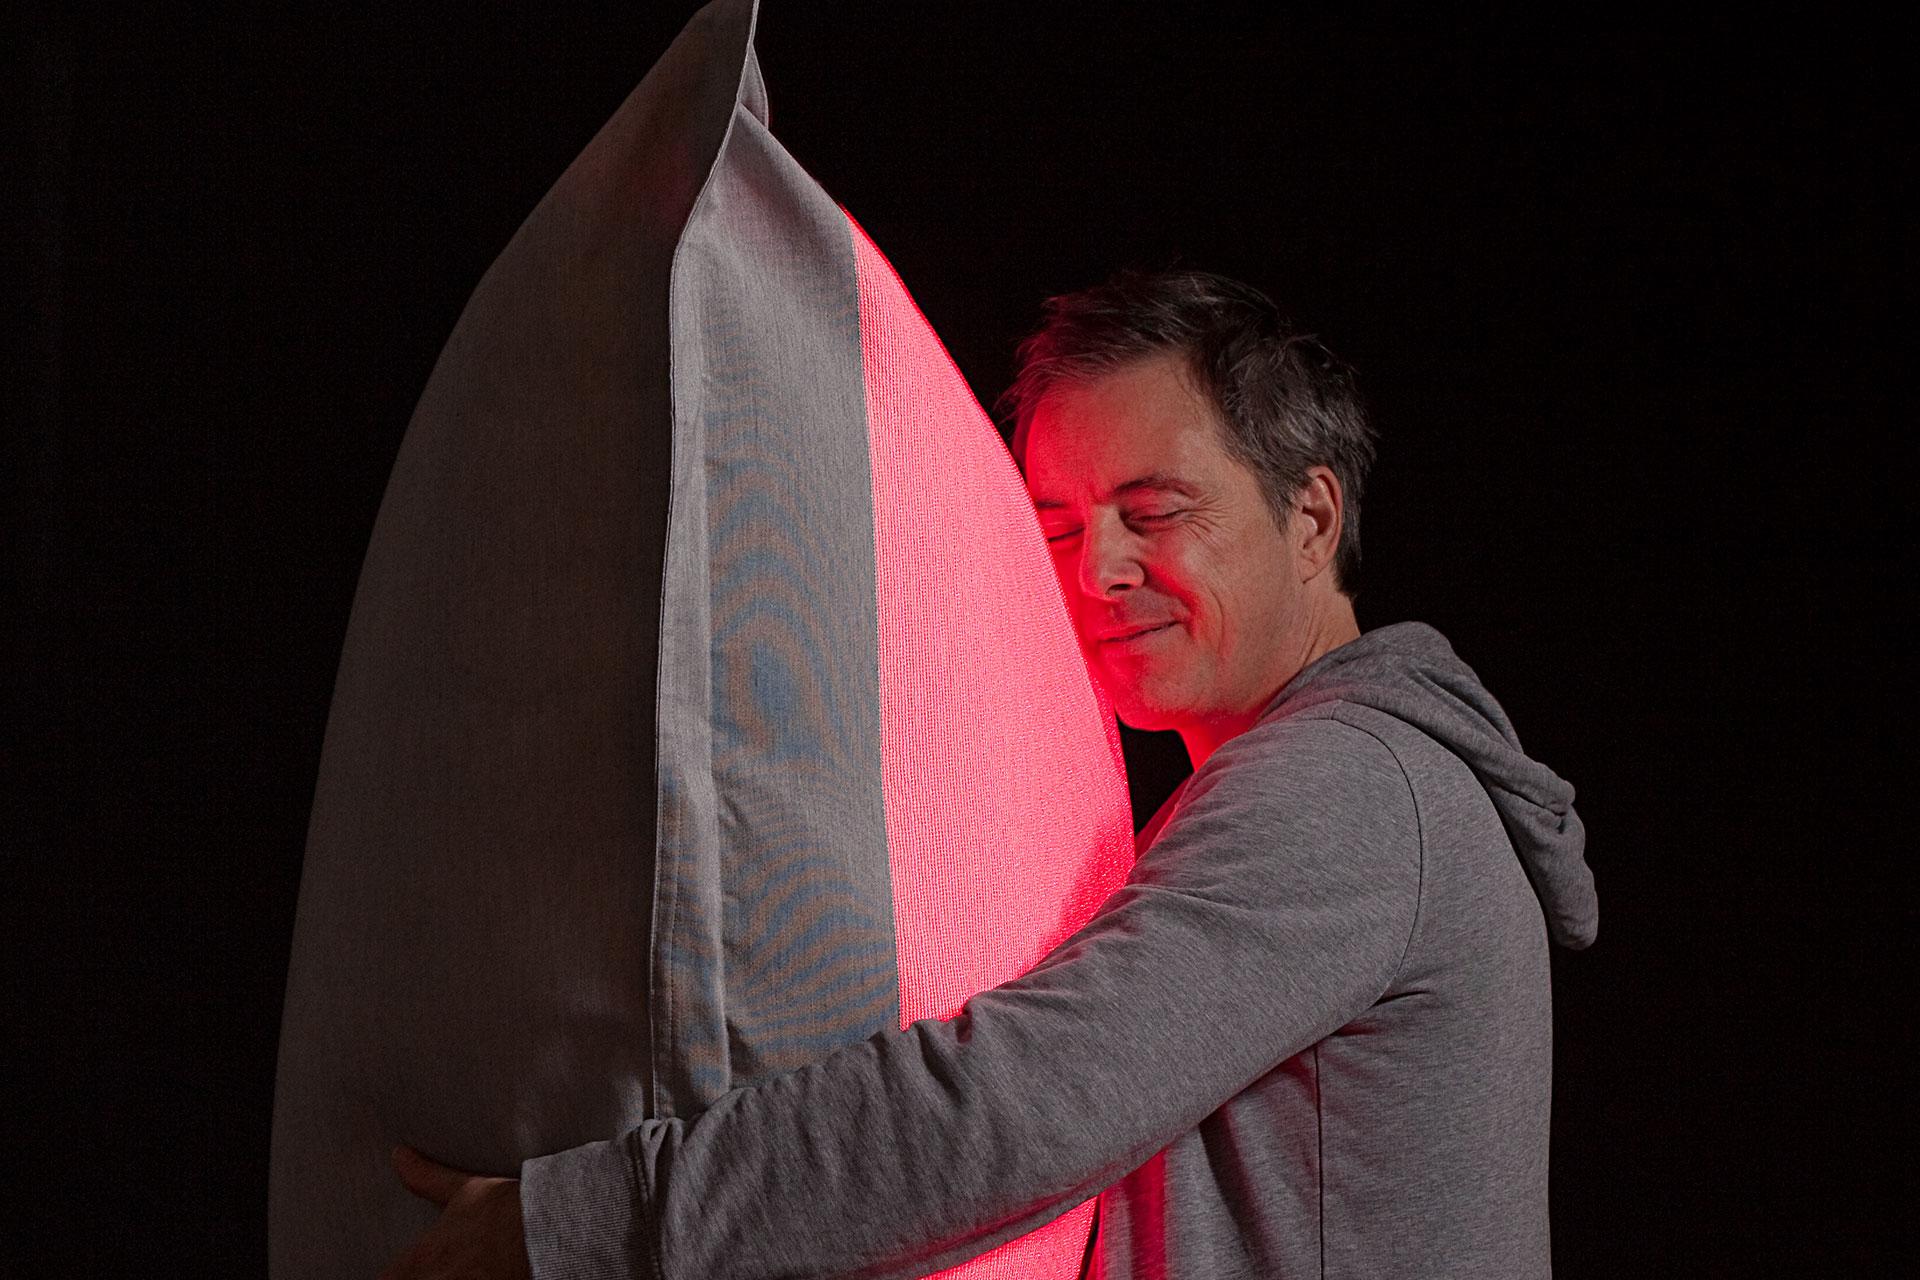 Olivier Lapidus, designer de l'Hôtel Félicien, photo: Shoky van des Horst